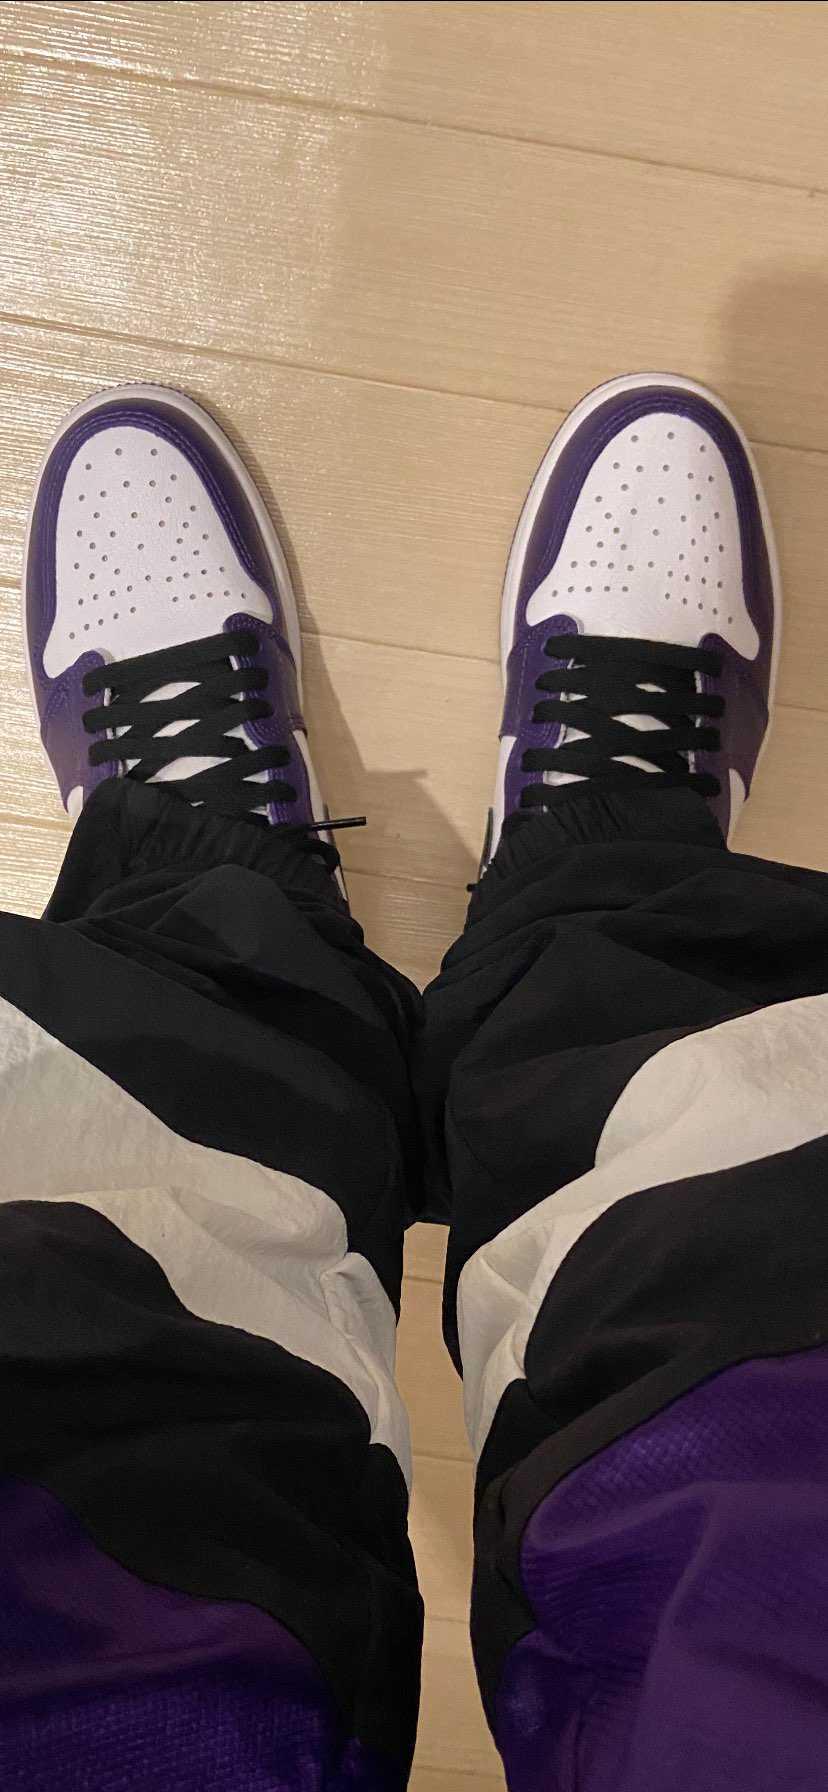 めっちゃ気に入りました!紫だからいかつい感じになるかと思ってましたが、履いて上か